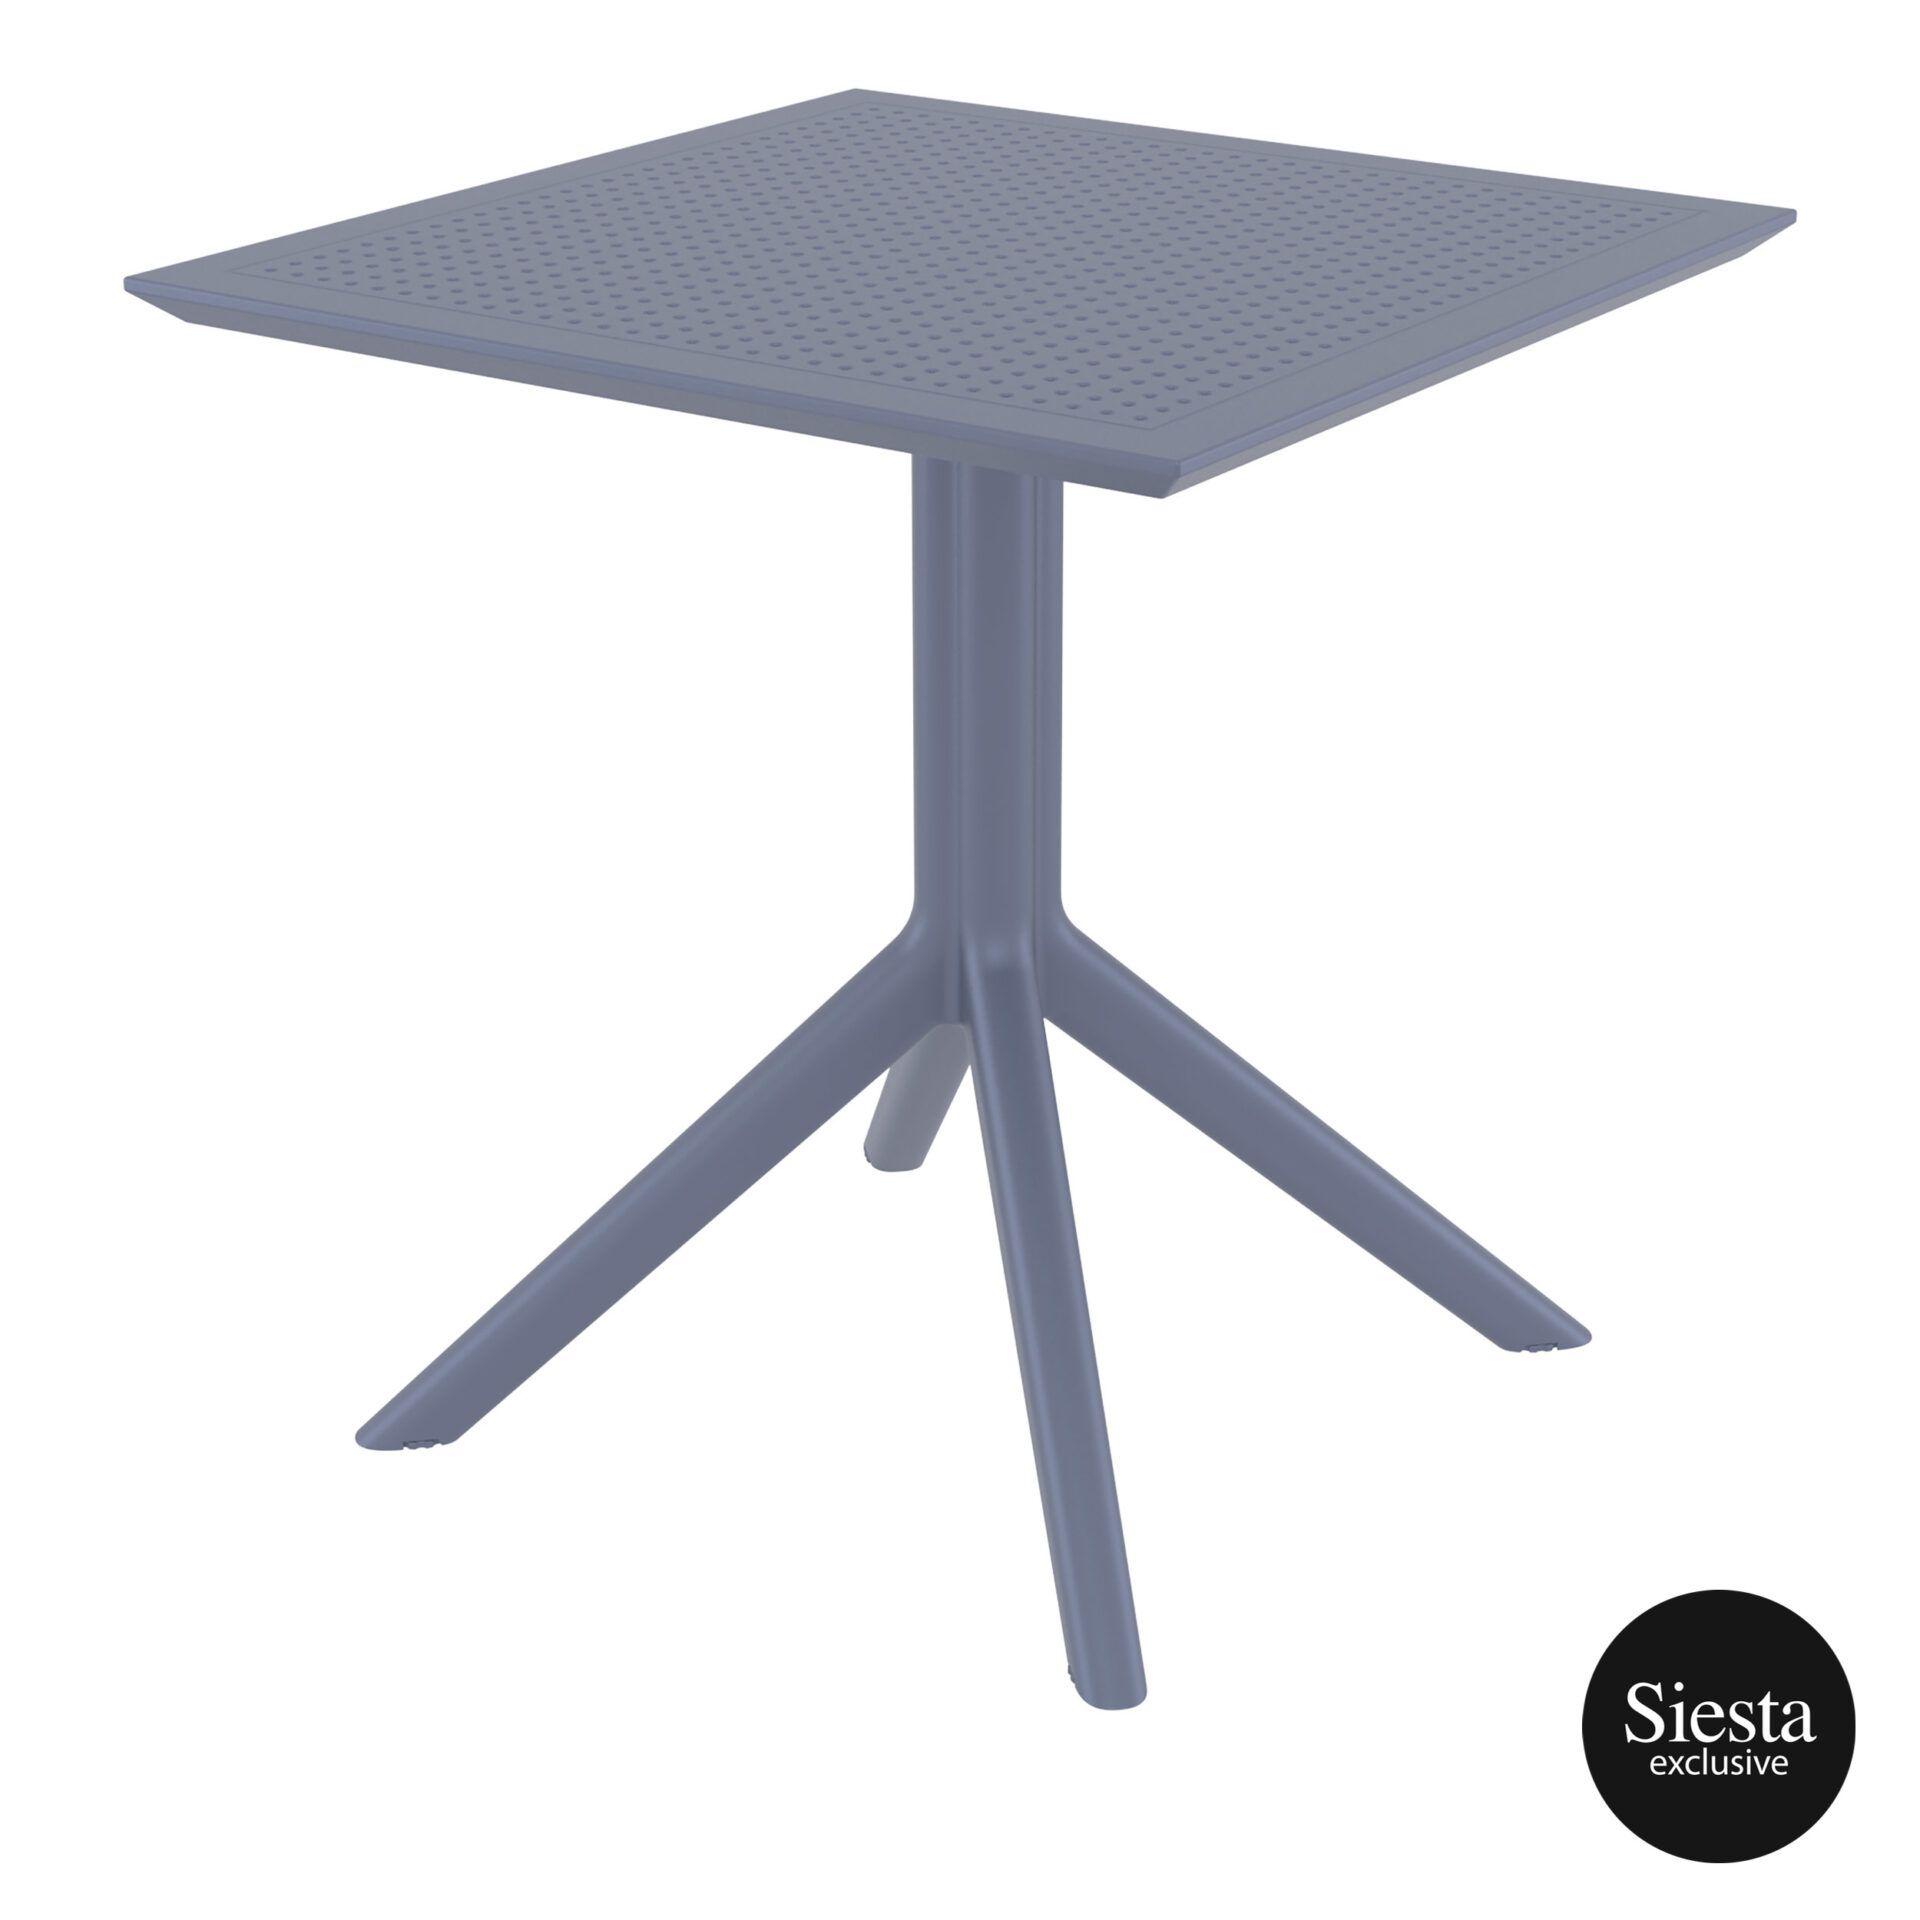 polypropylene outdoor cafe sky table 70 darkgrey front side 1